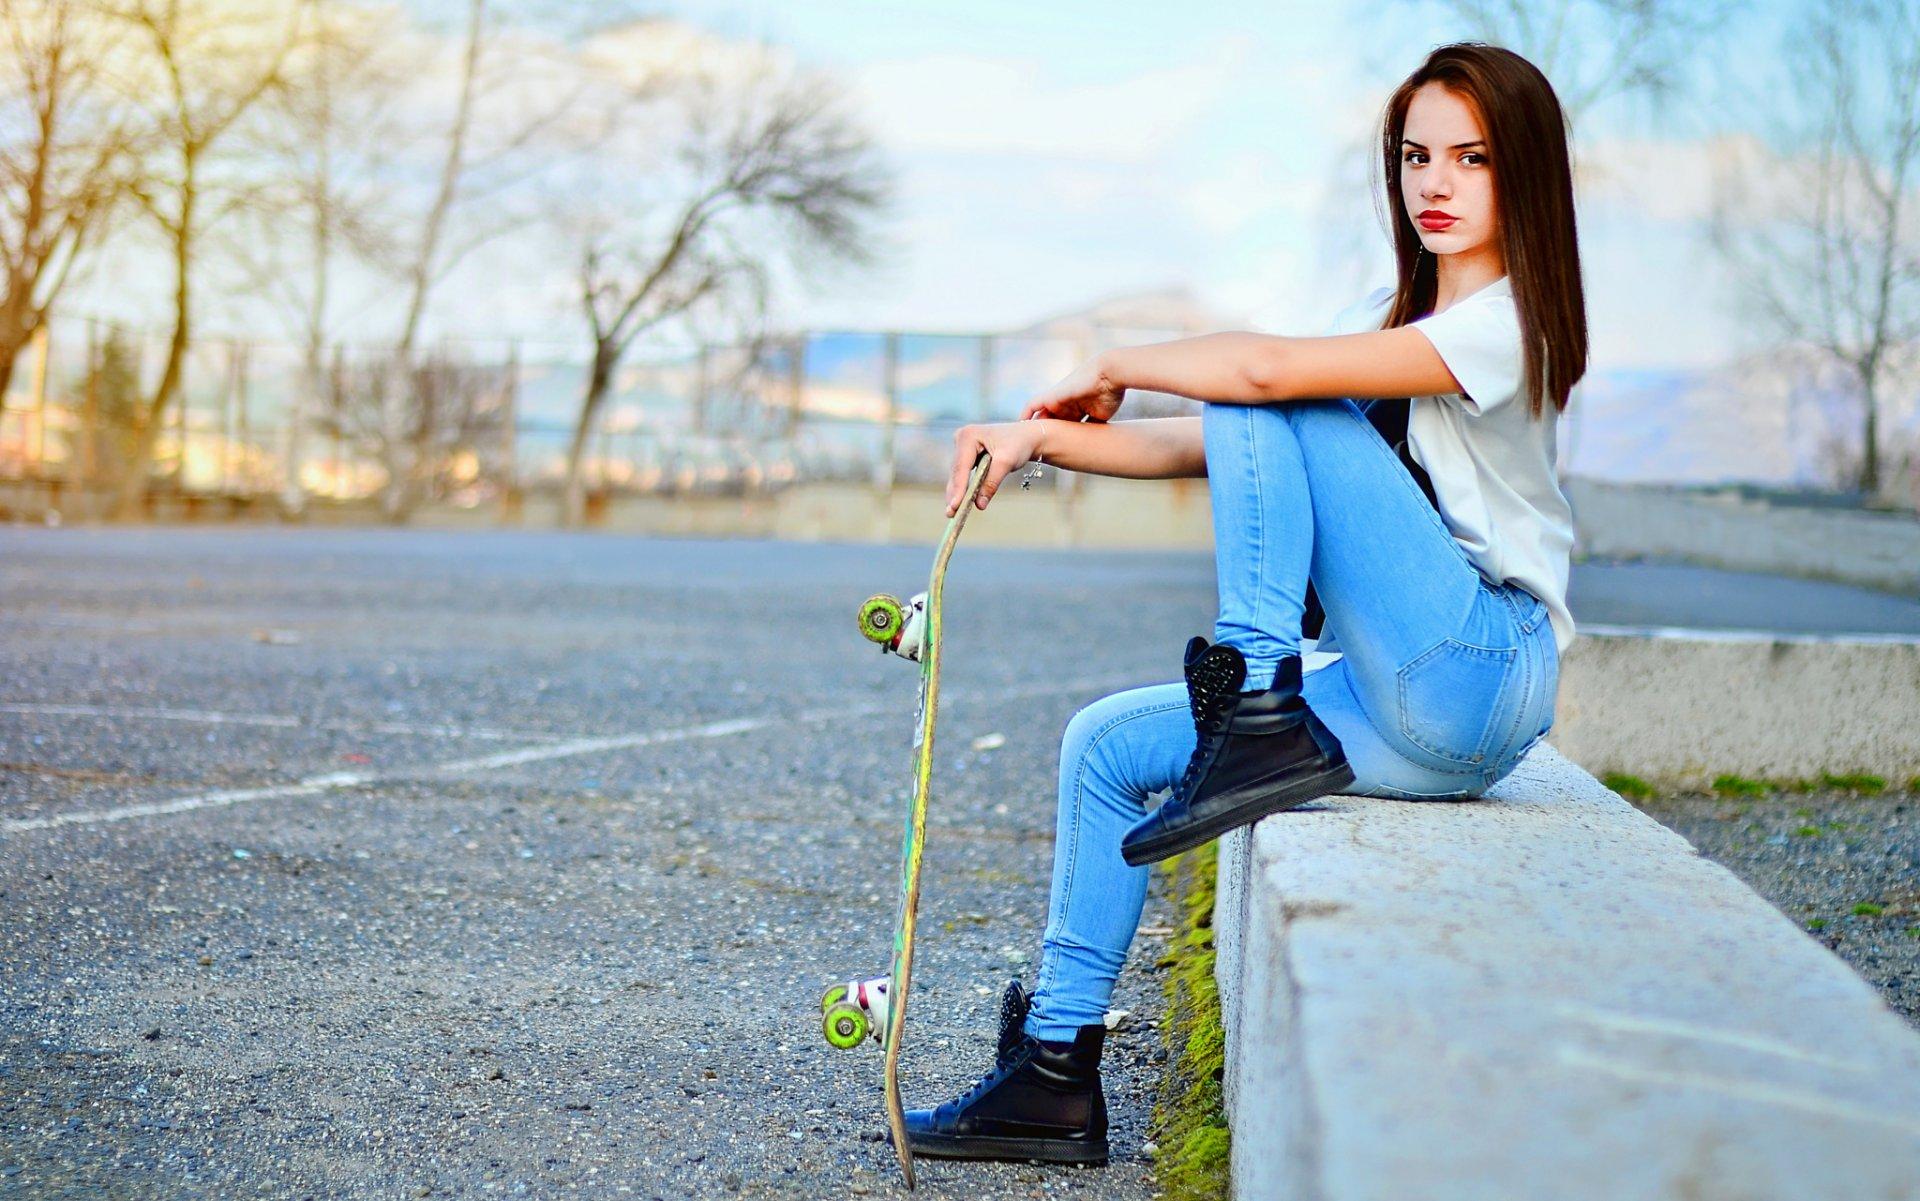 Фото красивых девушек на скейтборде